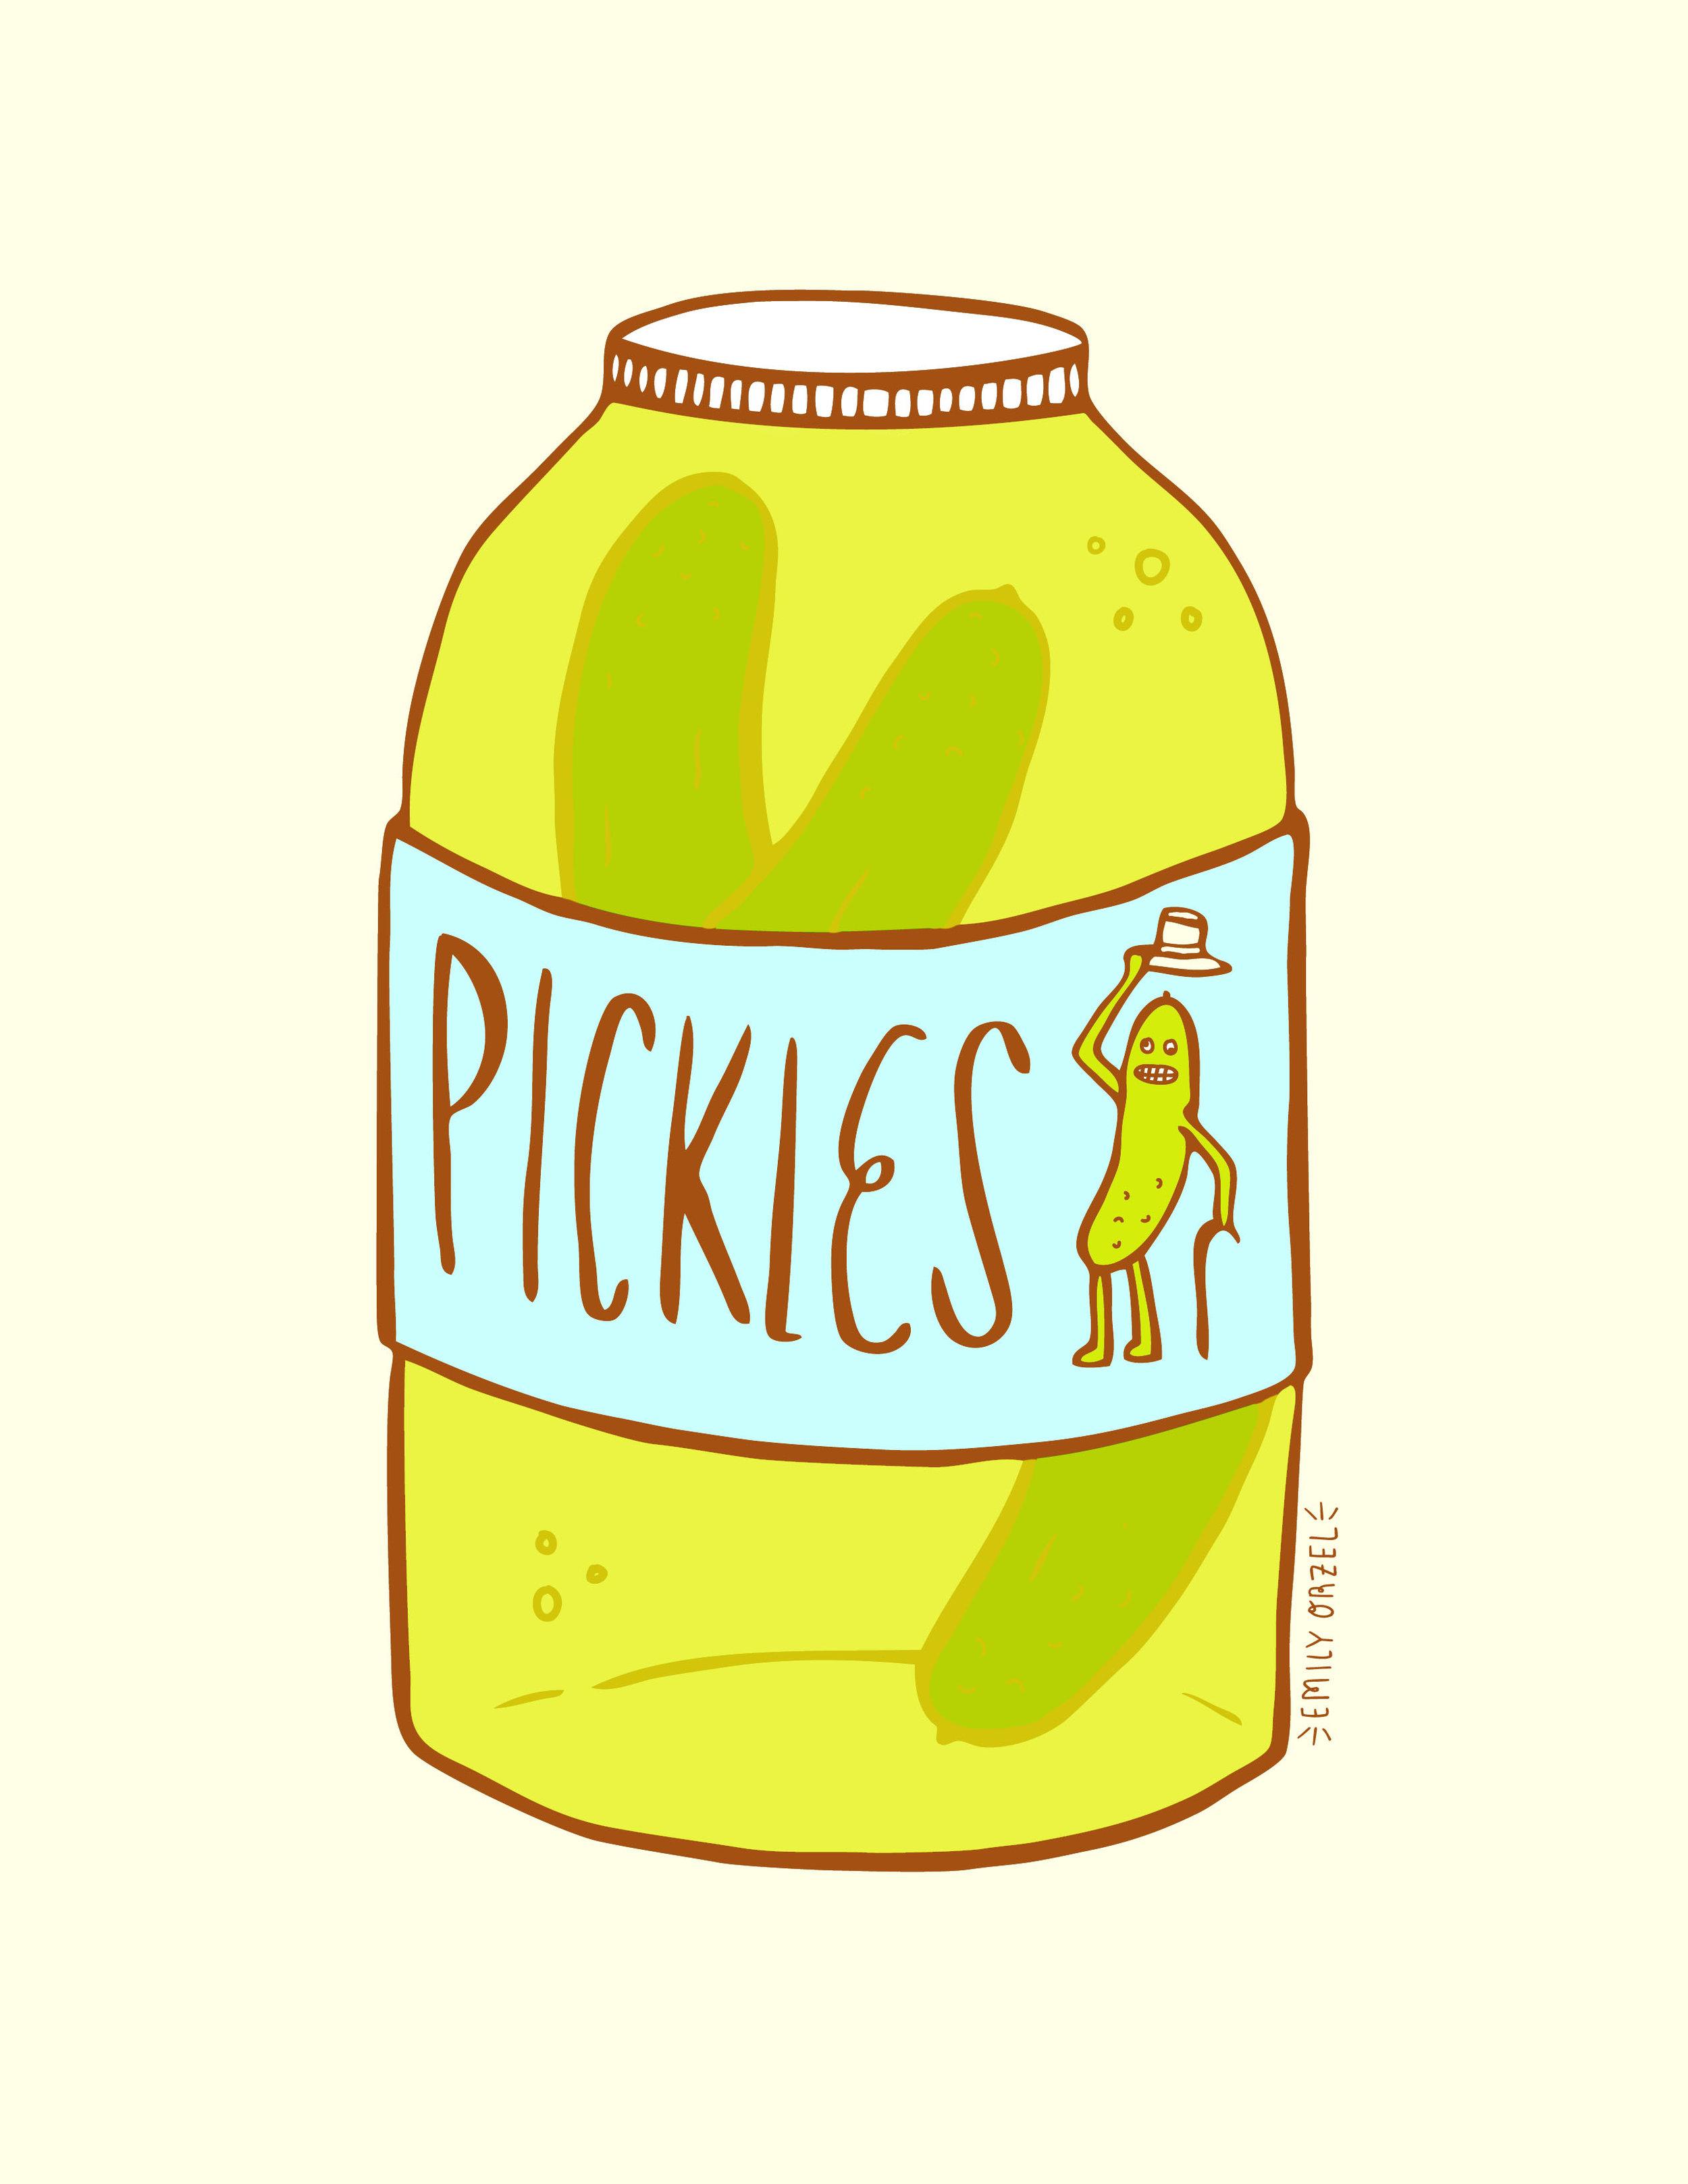 picklejar.jpg